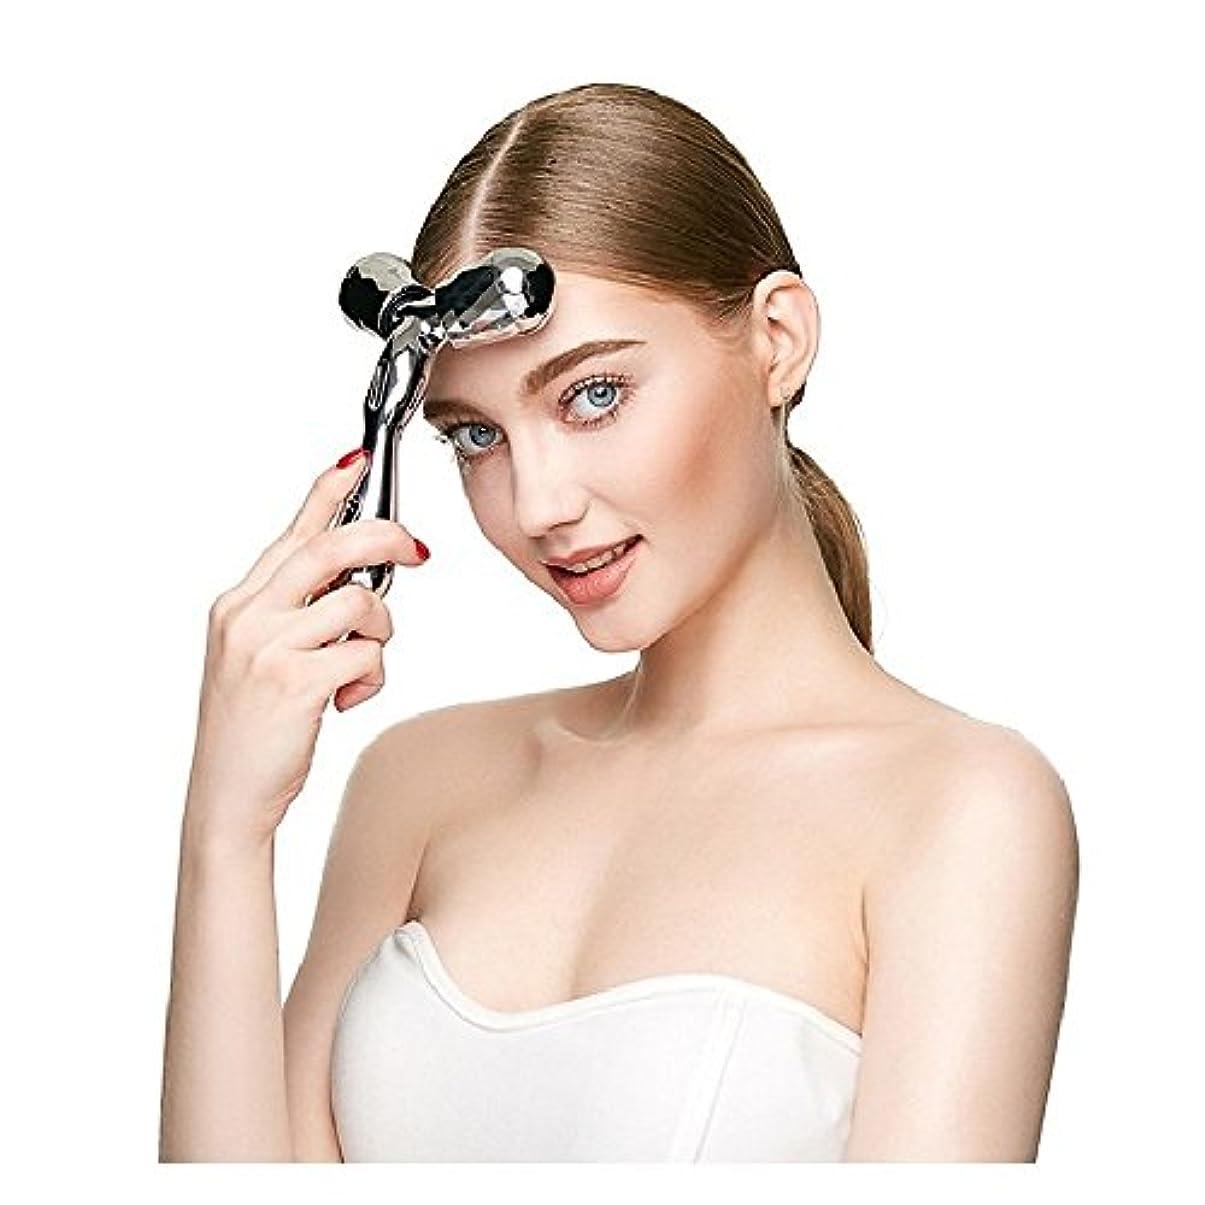 シェフ開業医もっともらしい3 Dボディマッサージ器マイクロフェイス薄い顔マッサージローラー